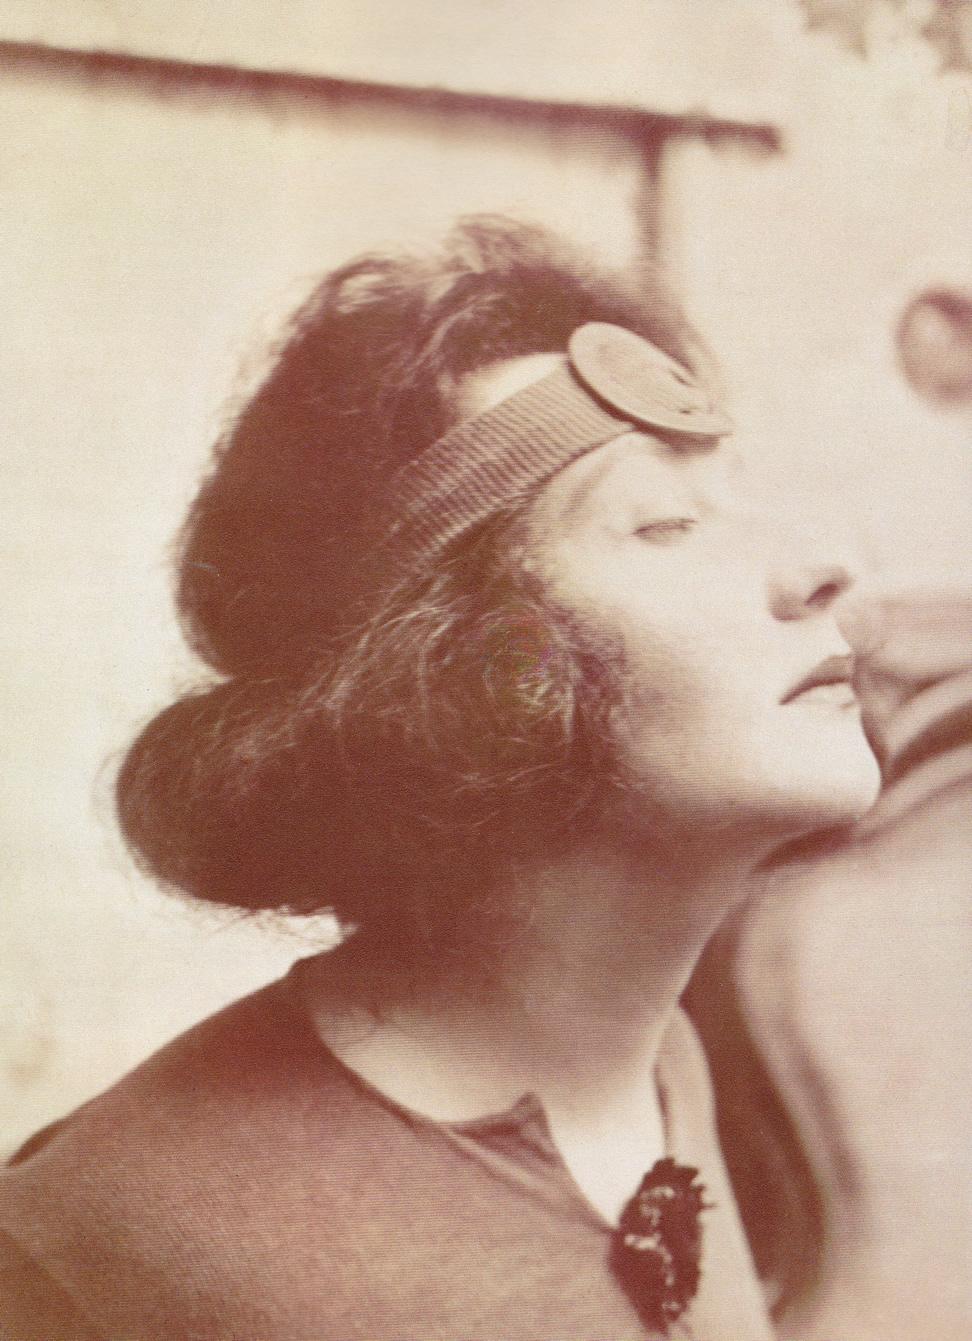 Emmy E. Scheyer, Ascona, circa 1918, Norton Simon Museum, The Blue Four Galka Scheyer Collection Archives, Pasadena, California